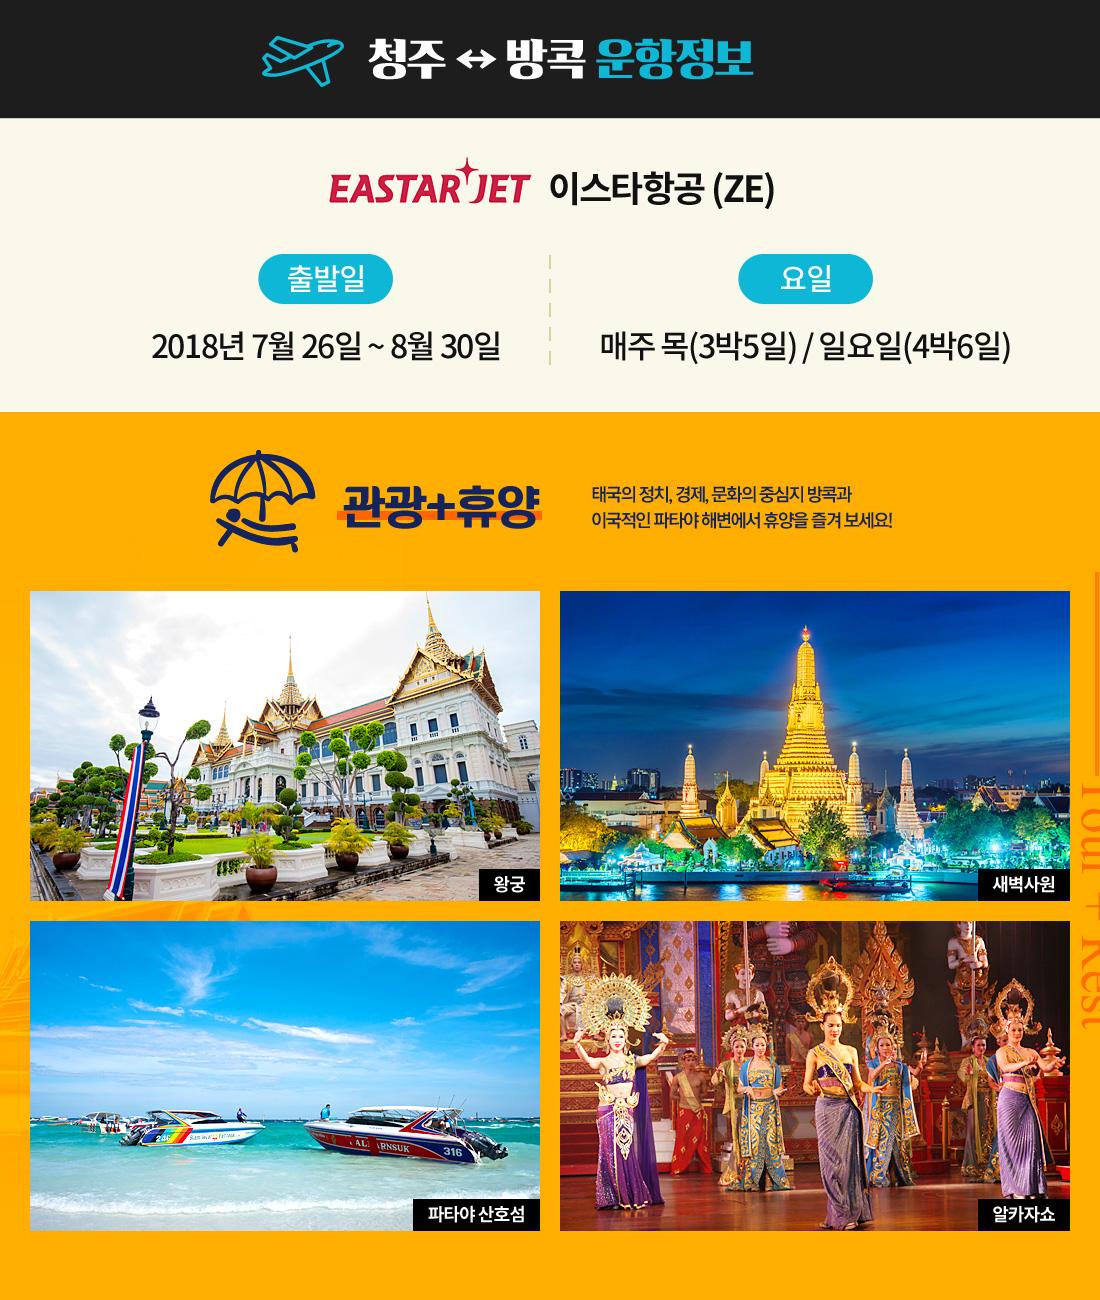 청주 방콕 운항정보